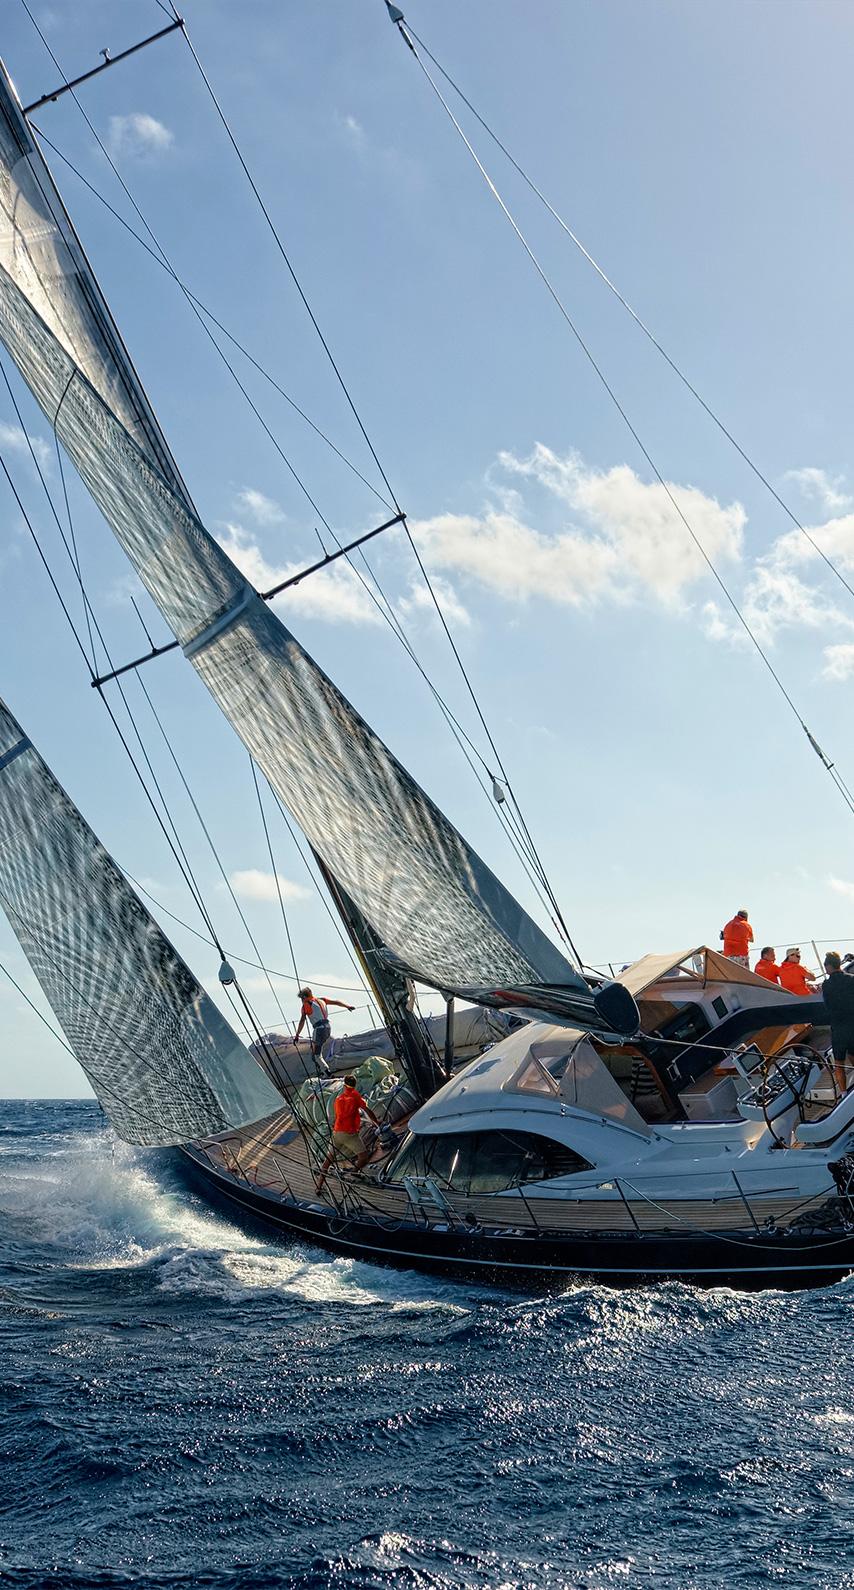 nautical, ocean cruise